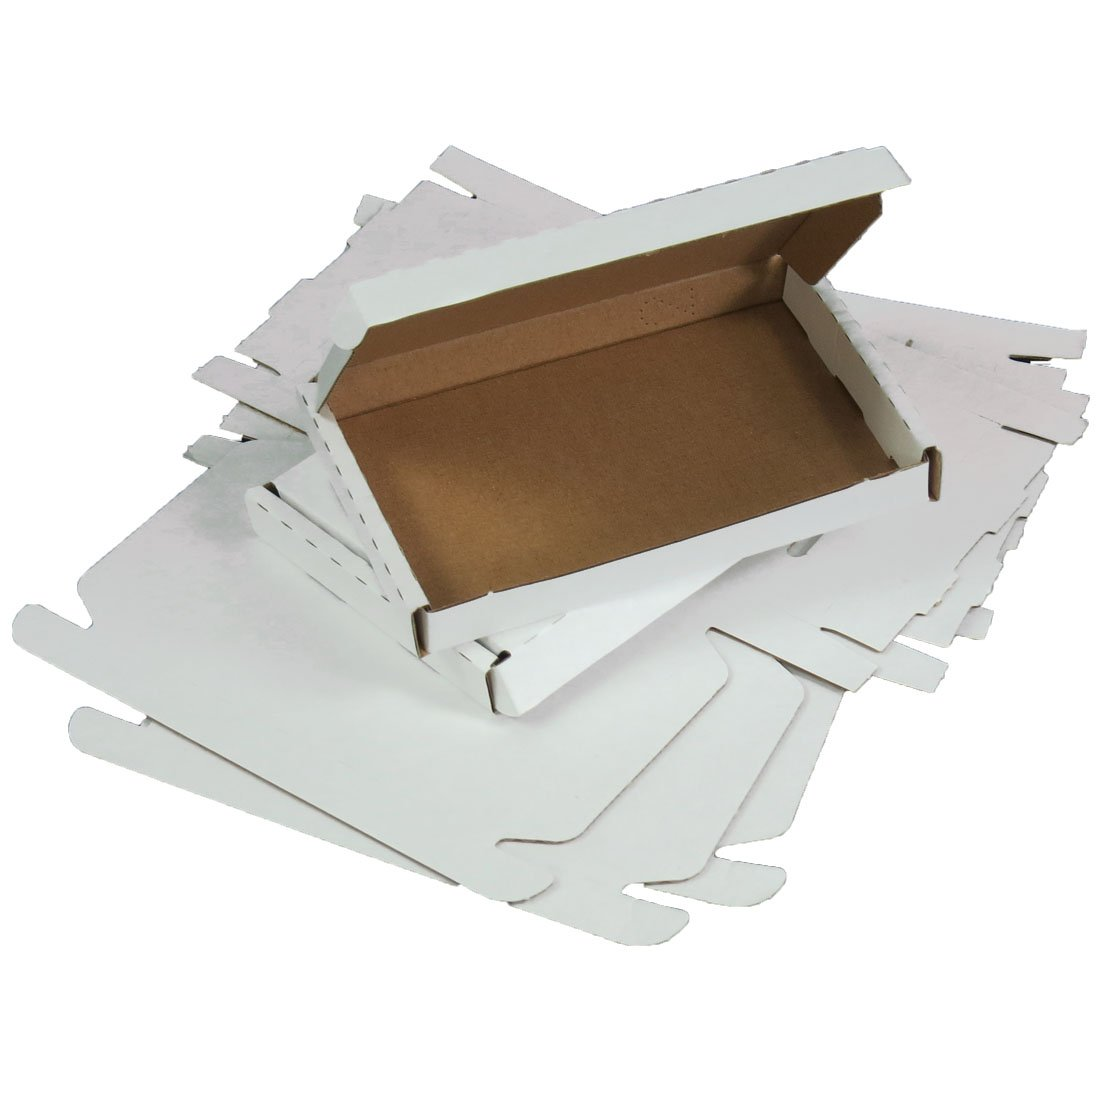 Grande boîte postale en carton Triplast à confectionner C6160mmx110mmx20mm blanc (lot de10) Lot de 50